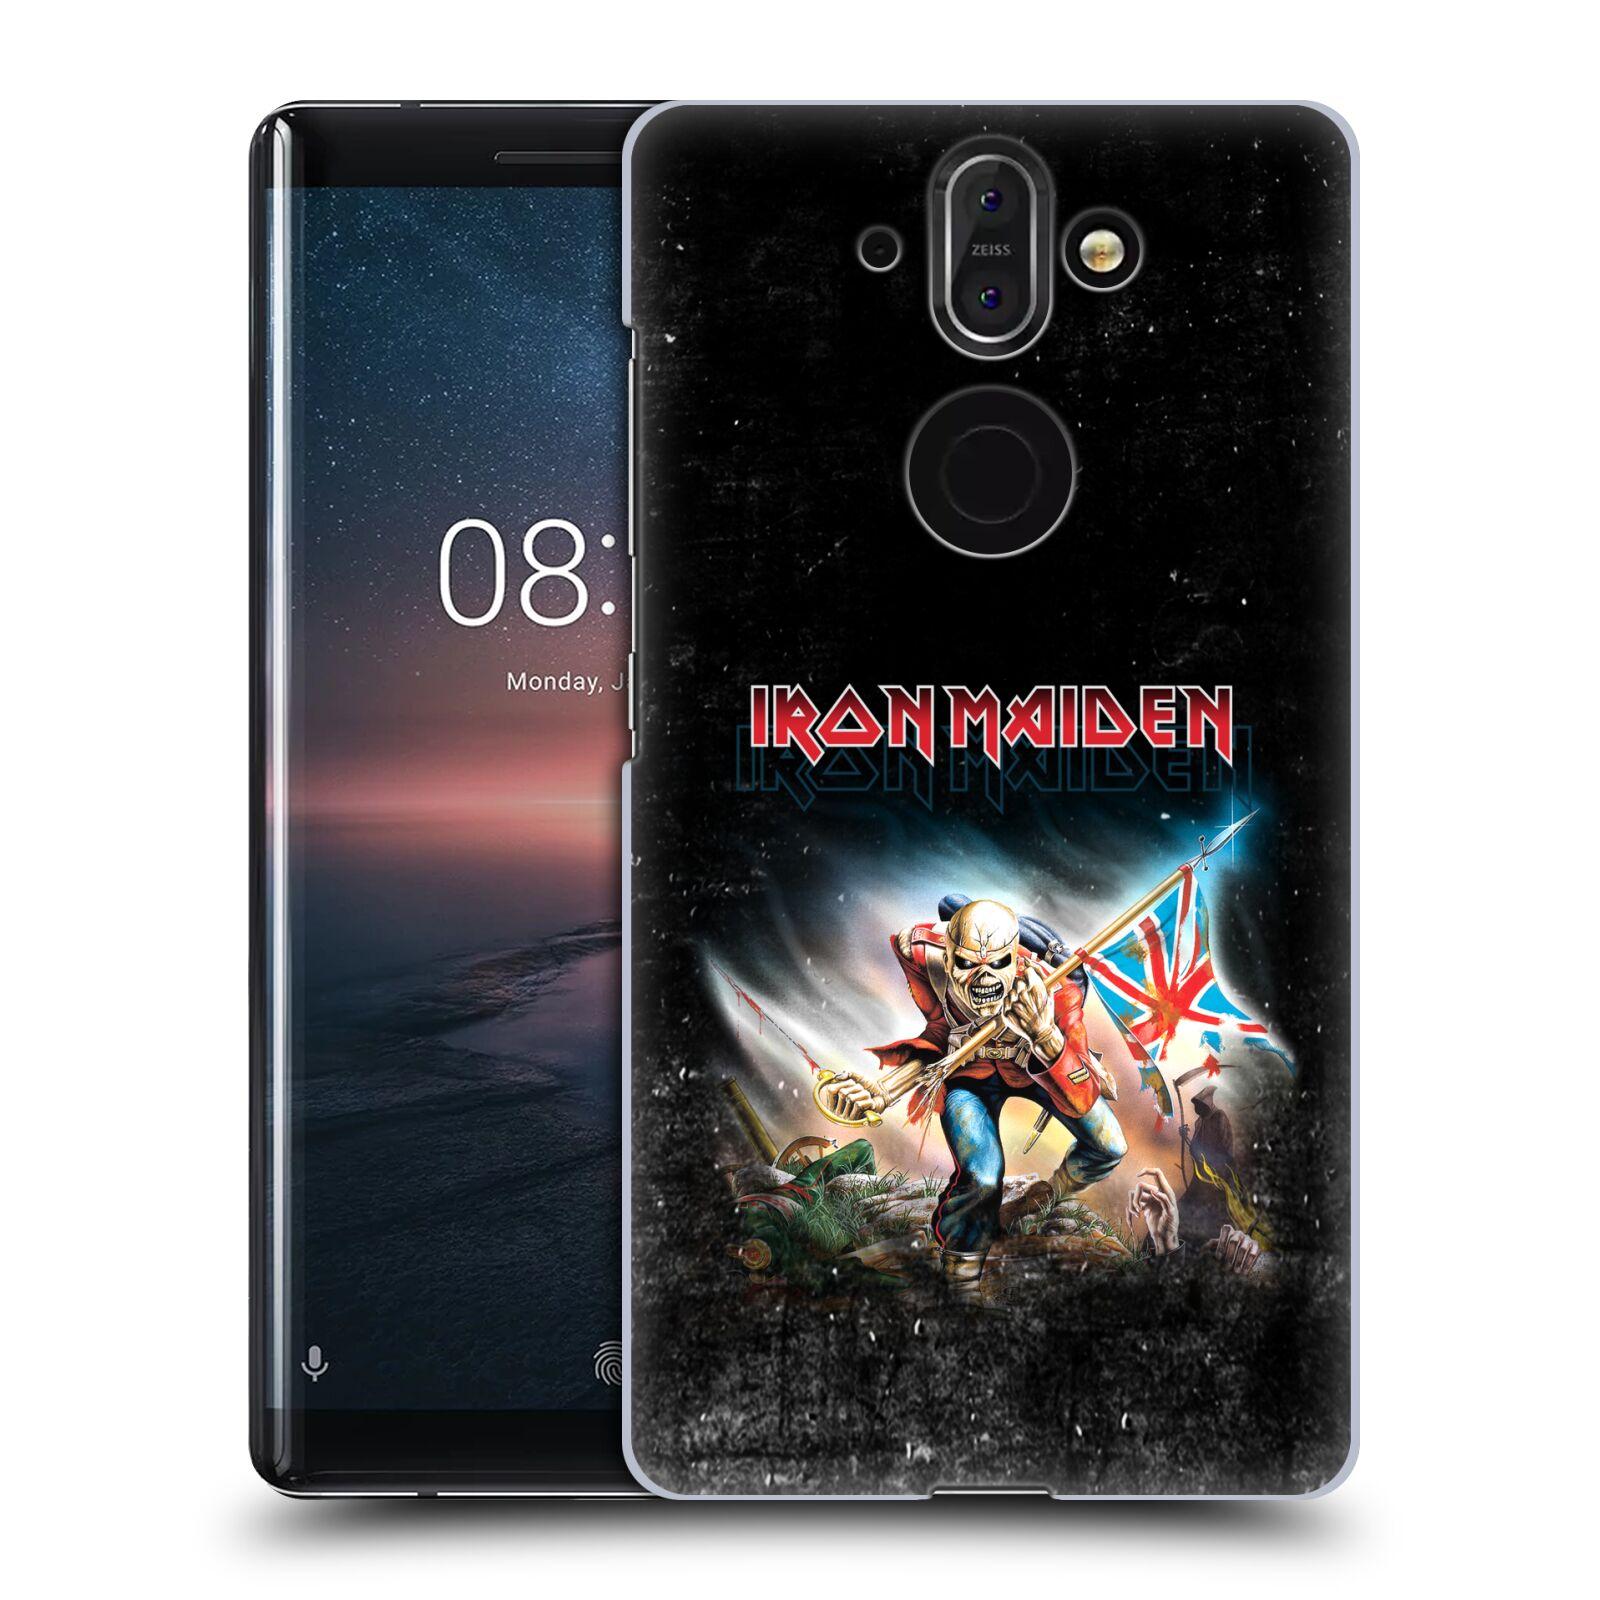 Plastové pouzdro na mobil Nokia 8 Sirocco - Head Case - Iron Maiden - Trooper 2016